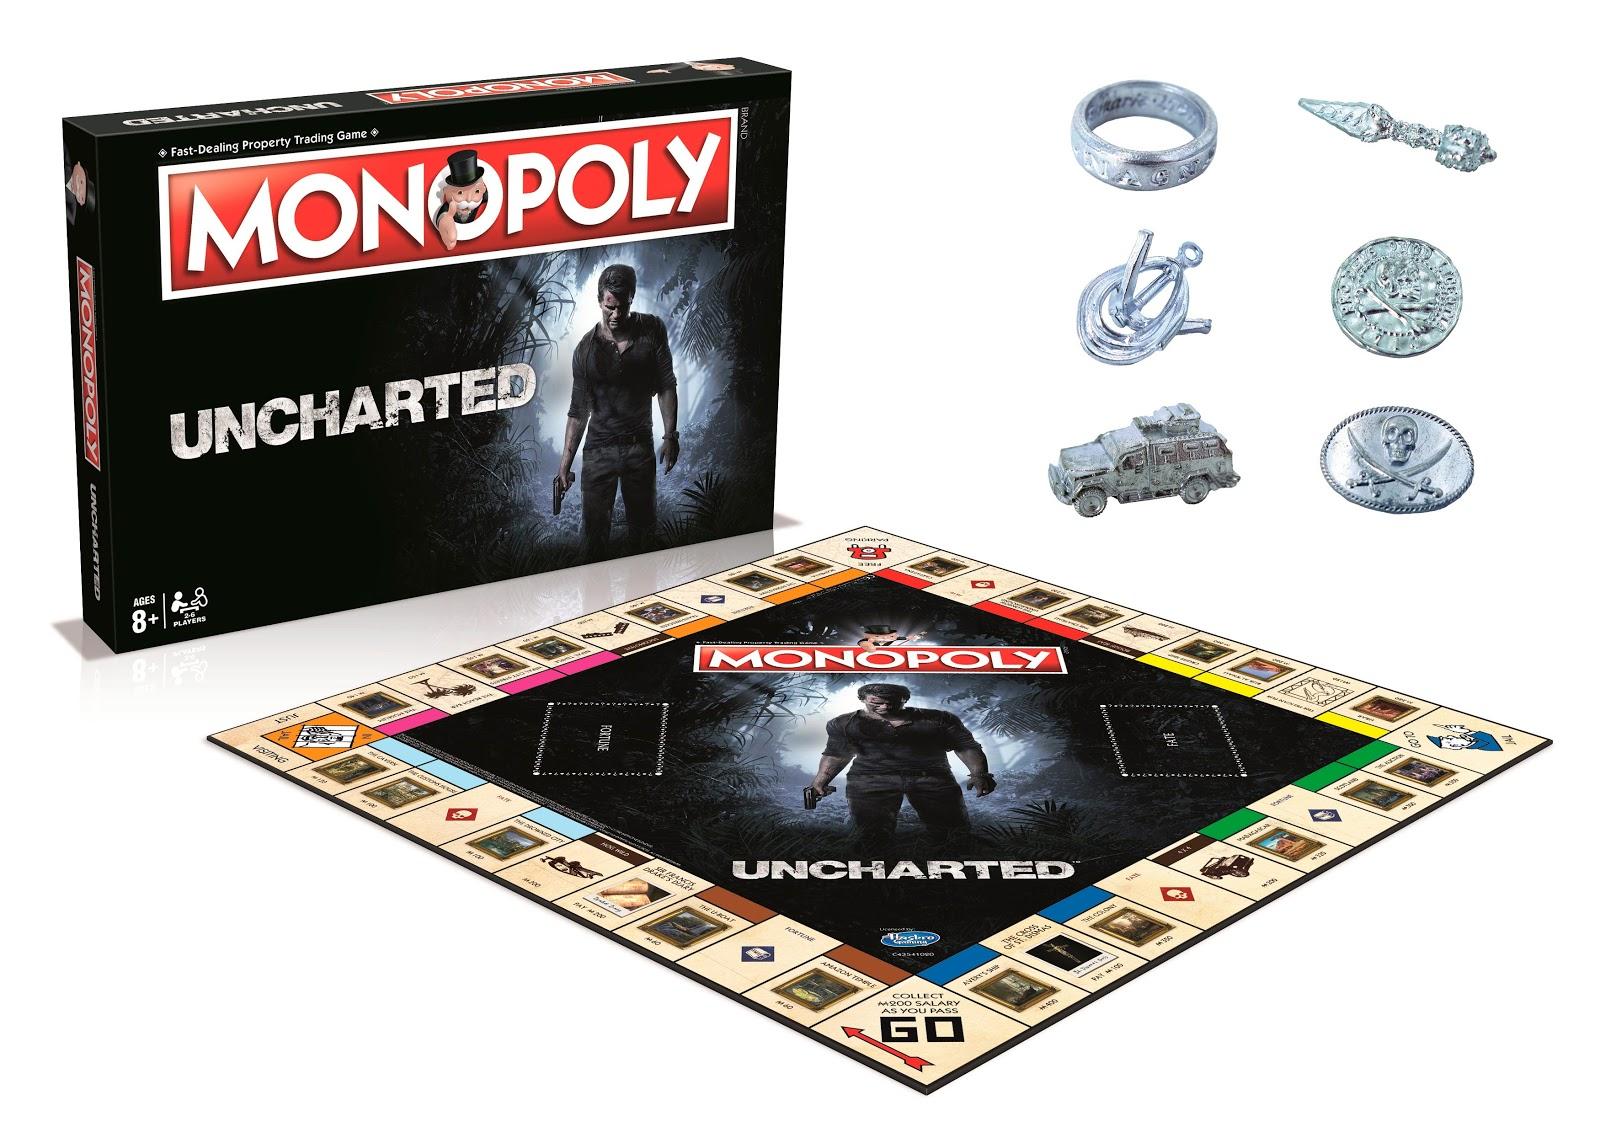 Se anuncia Monopoly de Uncharted